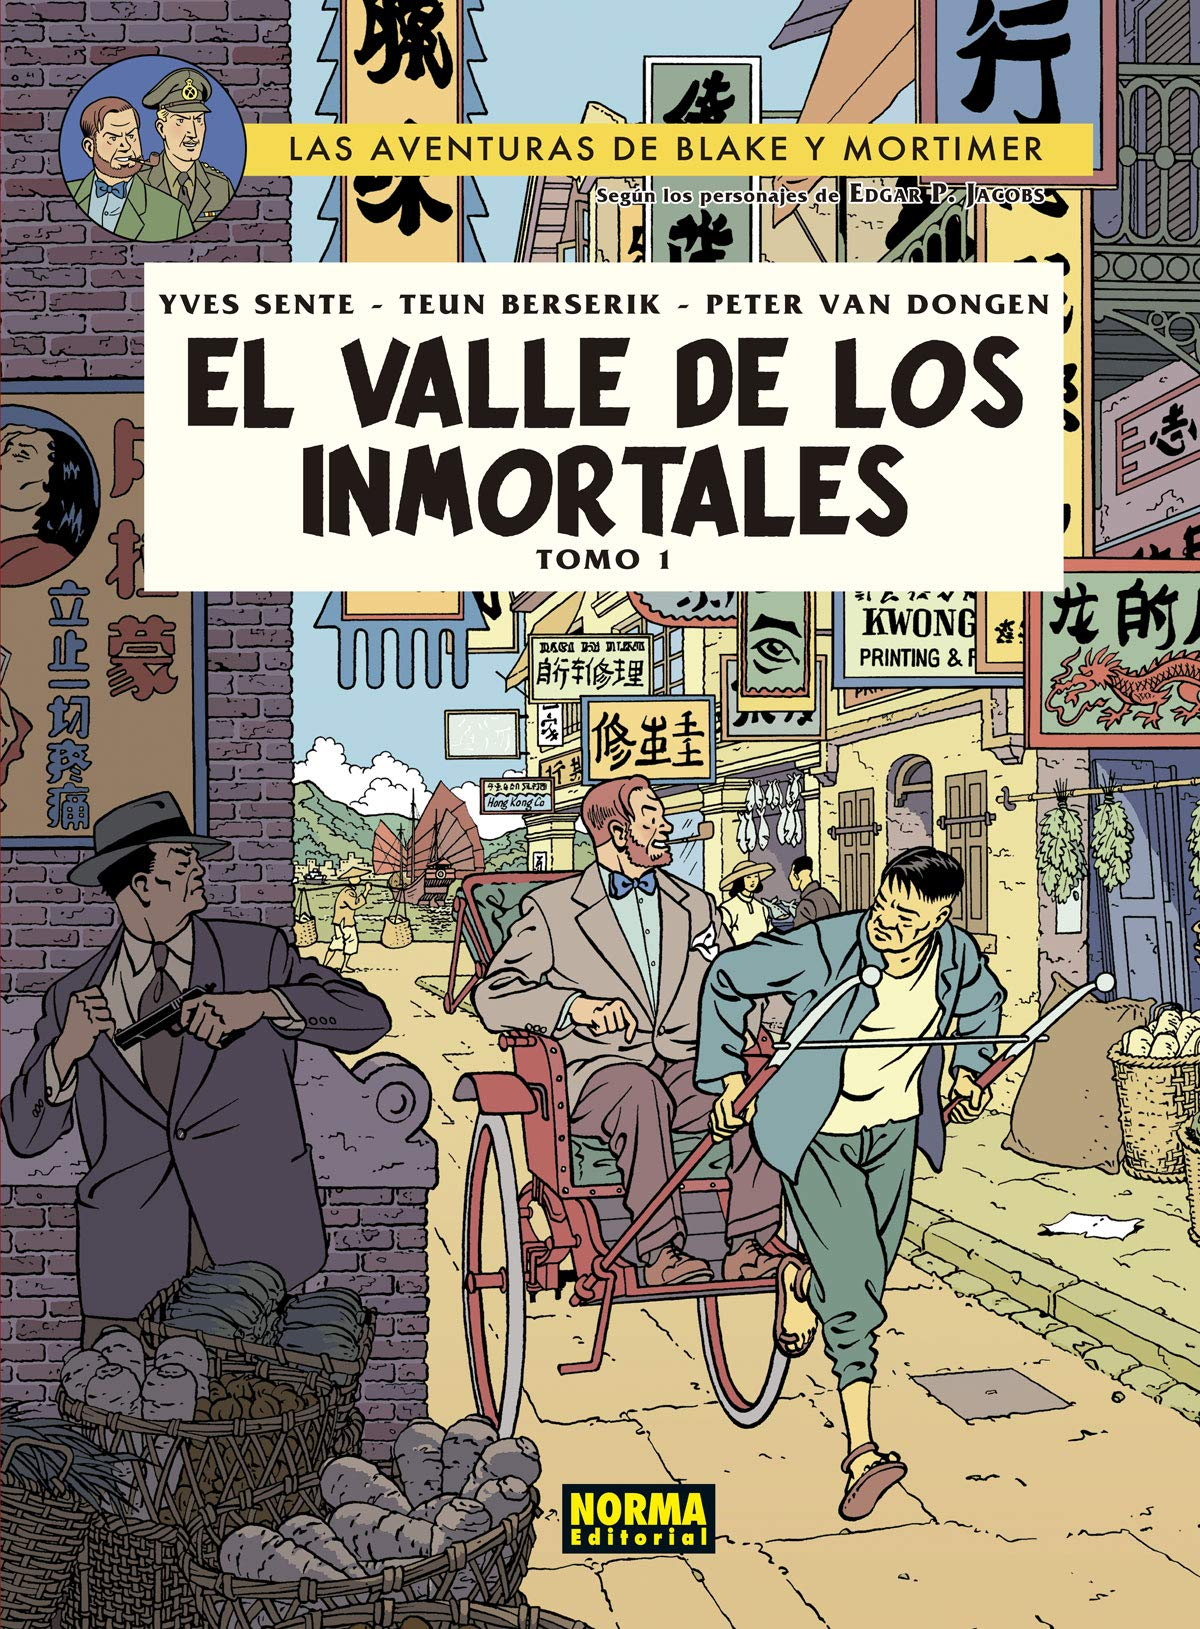 BLAKE&MORTIMER 25.EL VALLE DE LOS INMORTALES.TOMO 1: Amazon.es: Y. Sente, T. Berserik, P. Van Dongen, Reyes de Uña, Eva: Libros